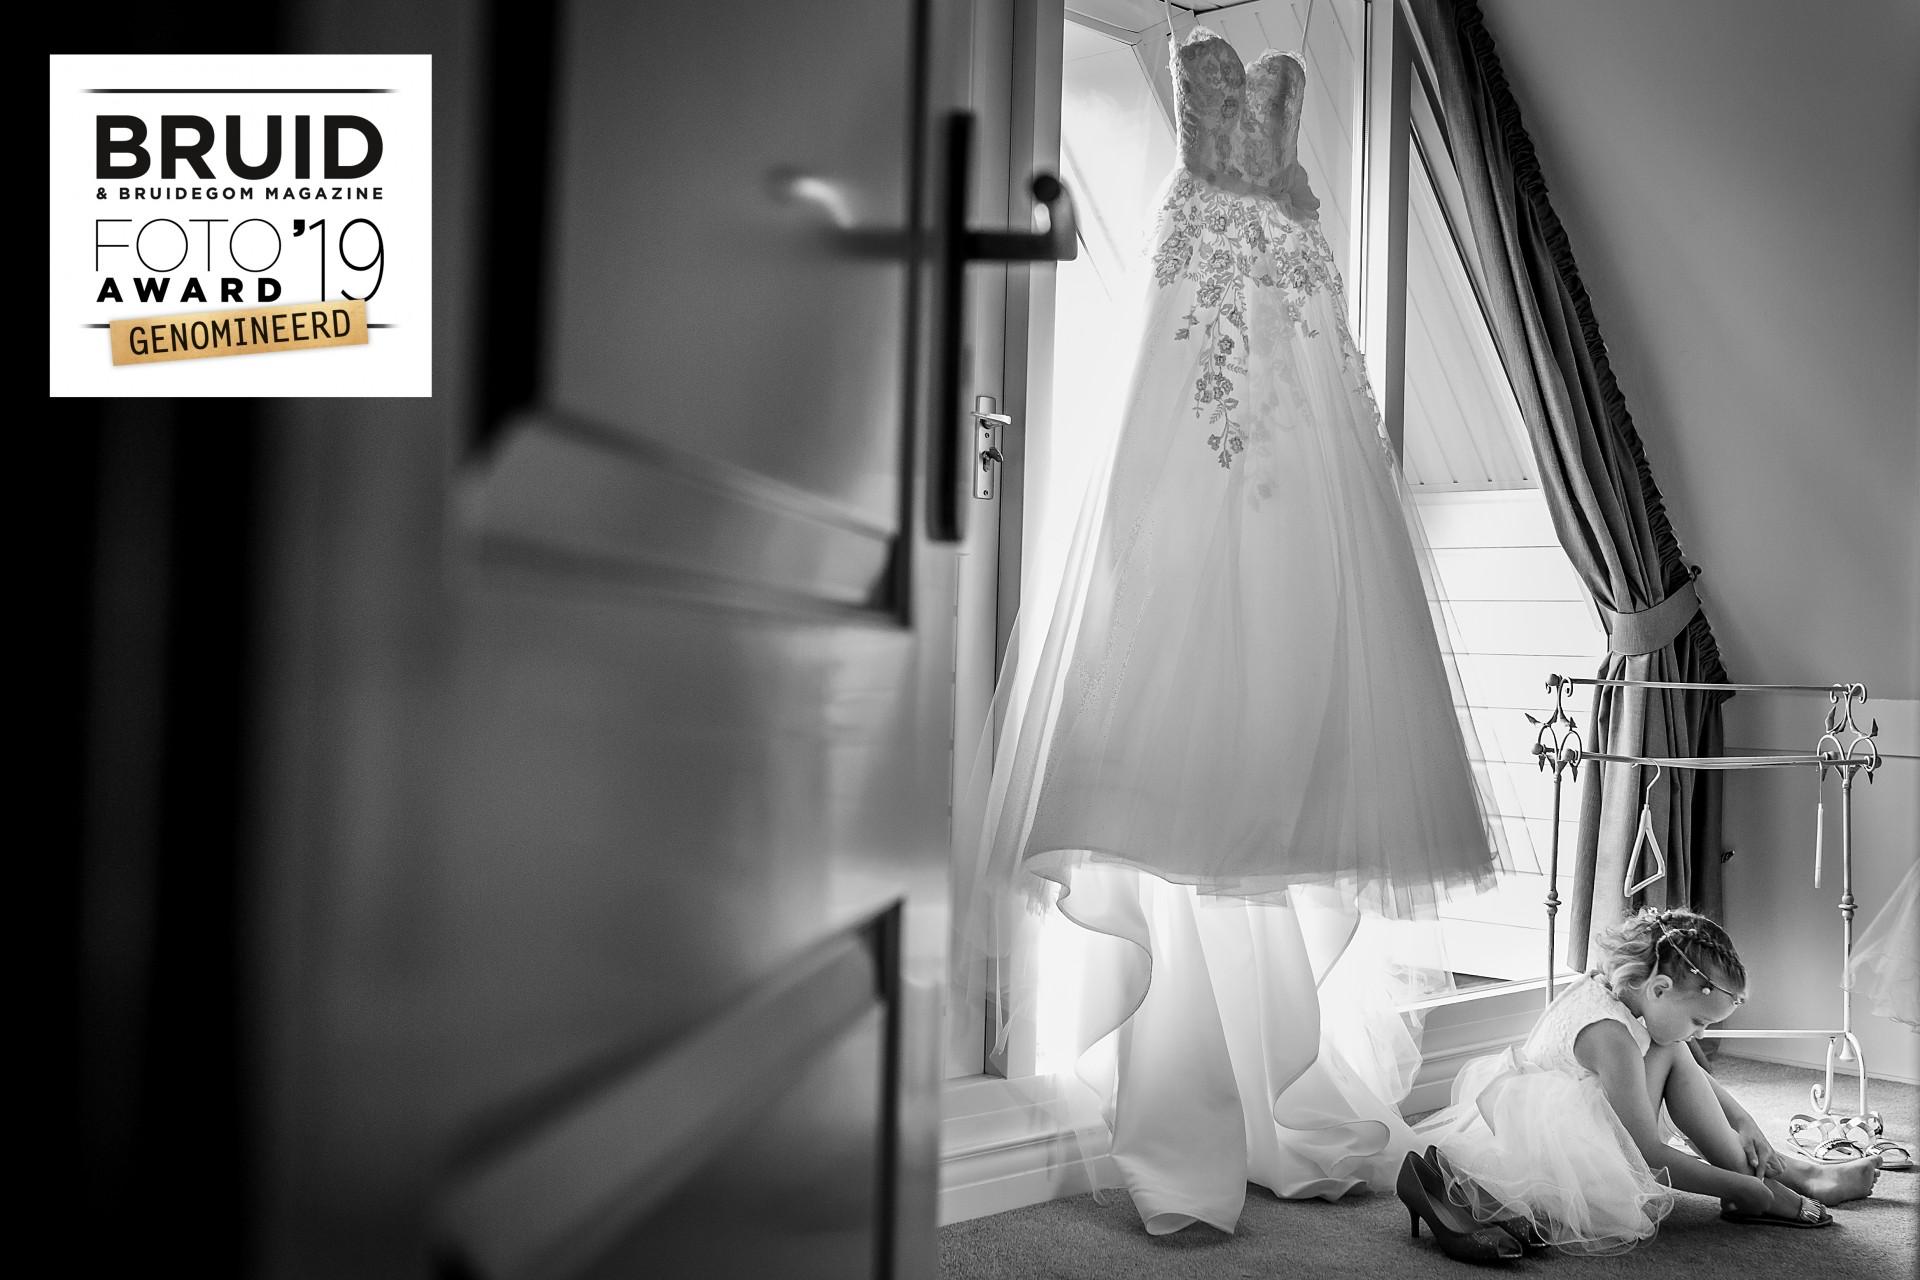 Genomineerd voor de Bruidsfoto Award 2019